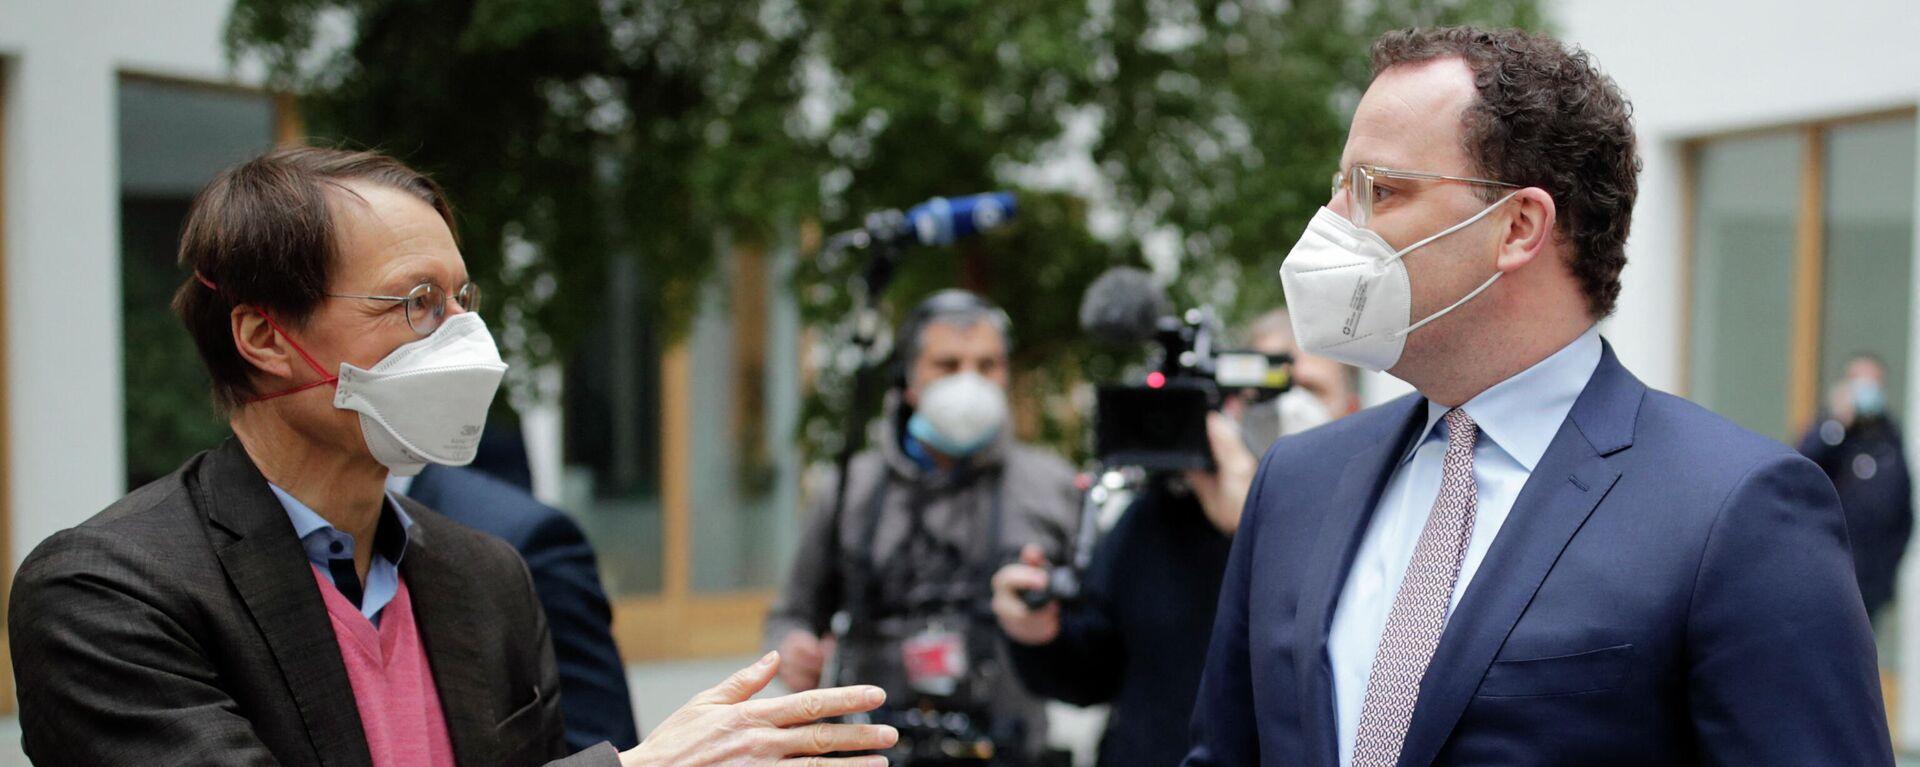 Bundesgesundheitsminister Jens Spahn spricht mit dem SPD-Politiker und Professor für Gesundheitsökonomie und Epidemiologie Karl Lauterbach vor einer Pressekonferenz zur Situation der Coronavirus, Januar 2021. Symbolfoto - SNA, 1920, 09.07.2021